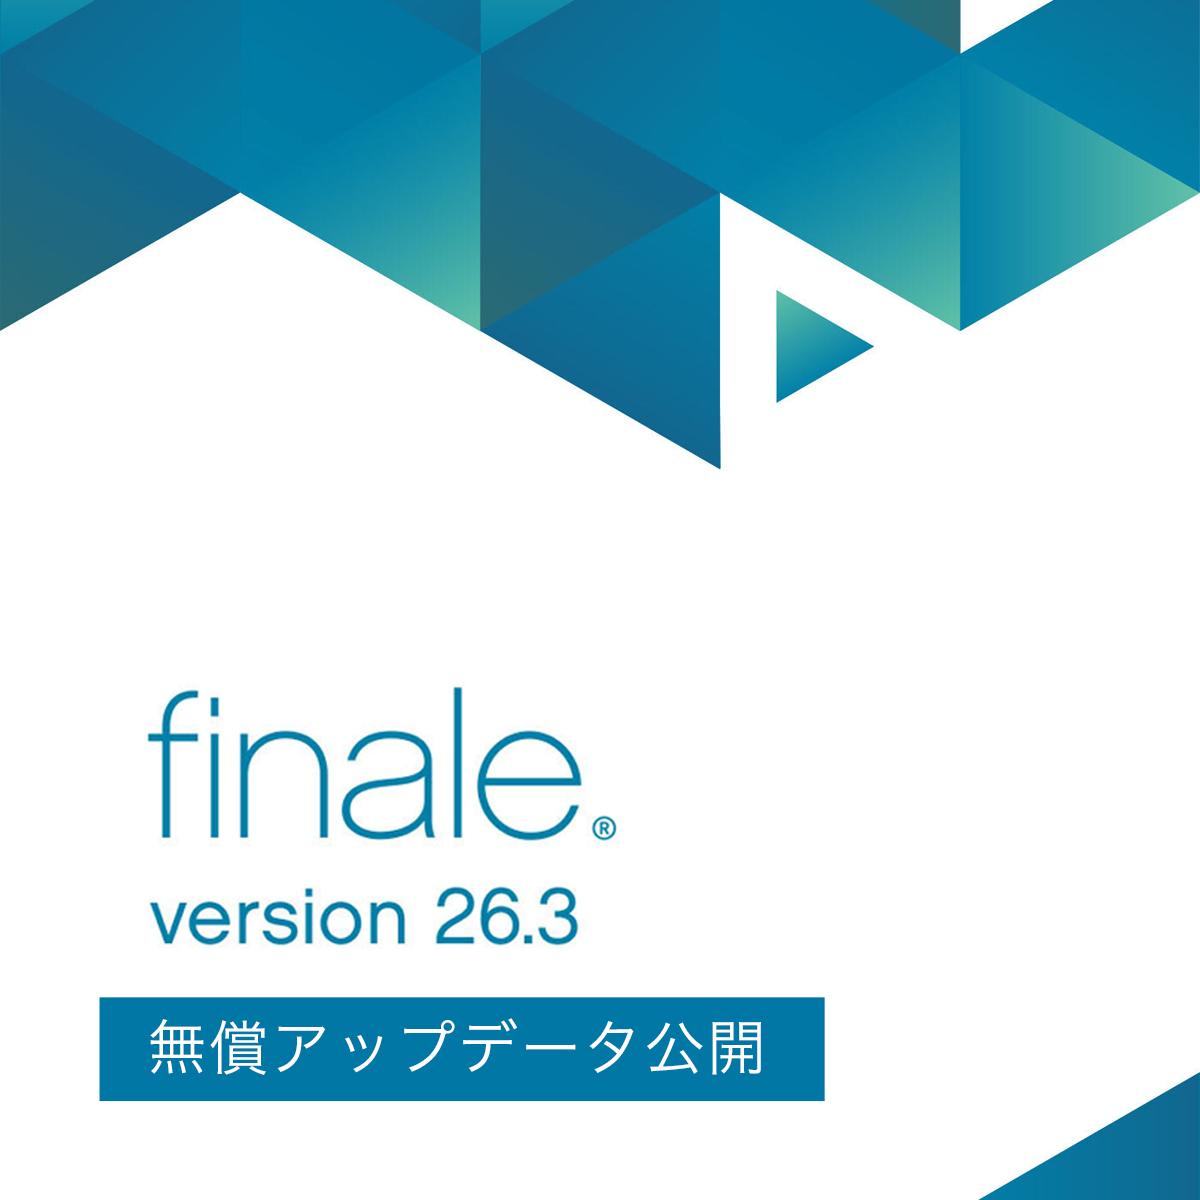 バージョン26.3アップデータ公開